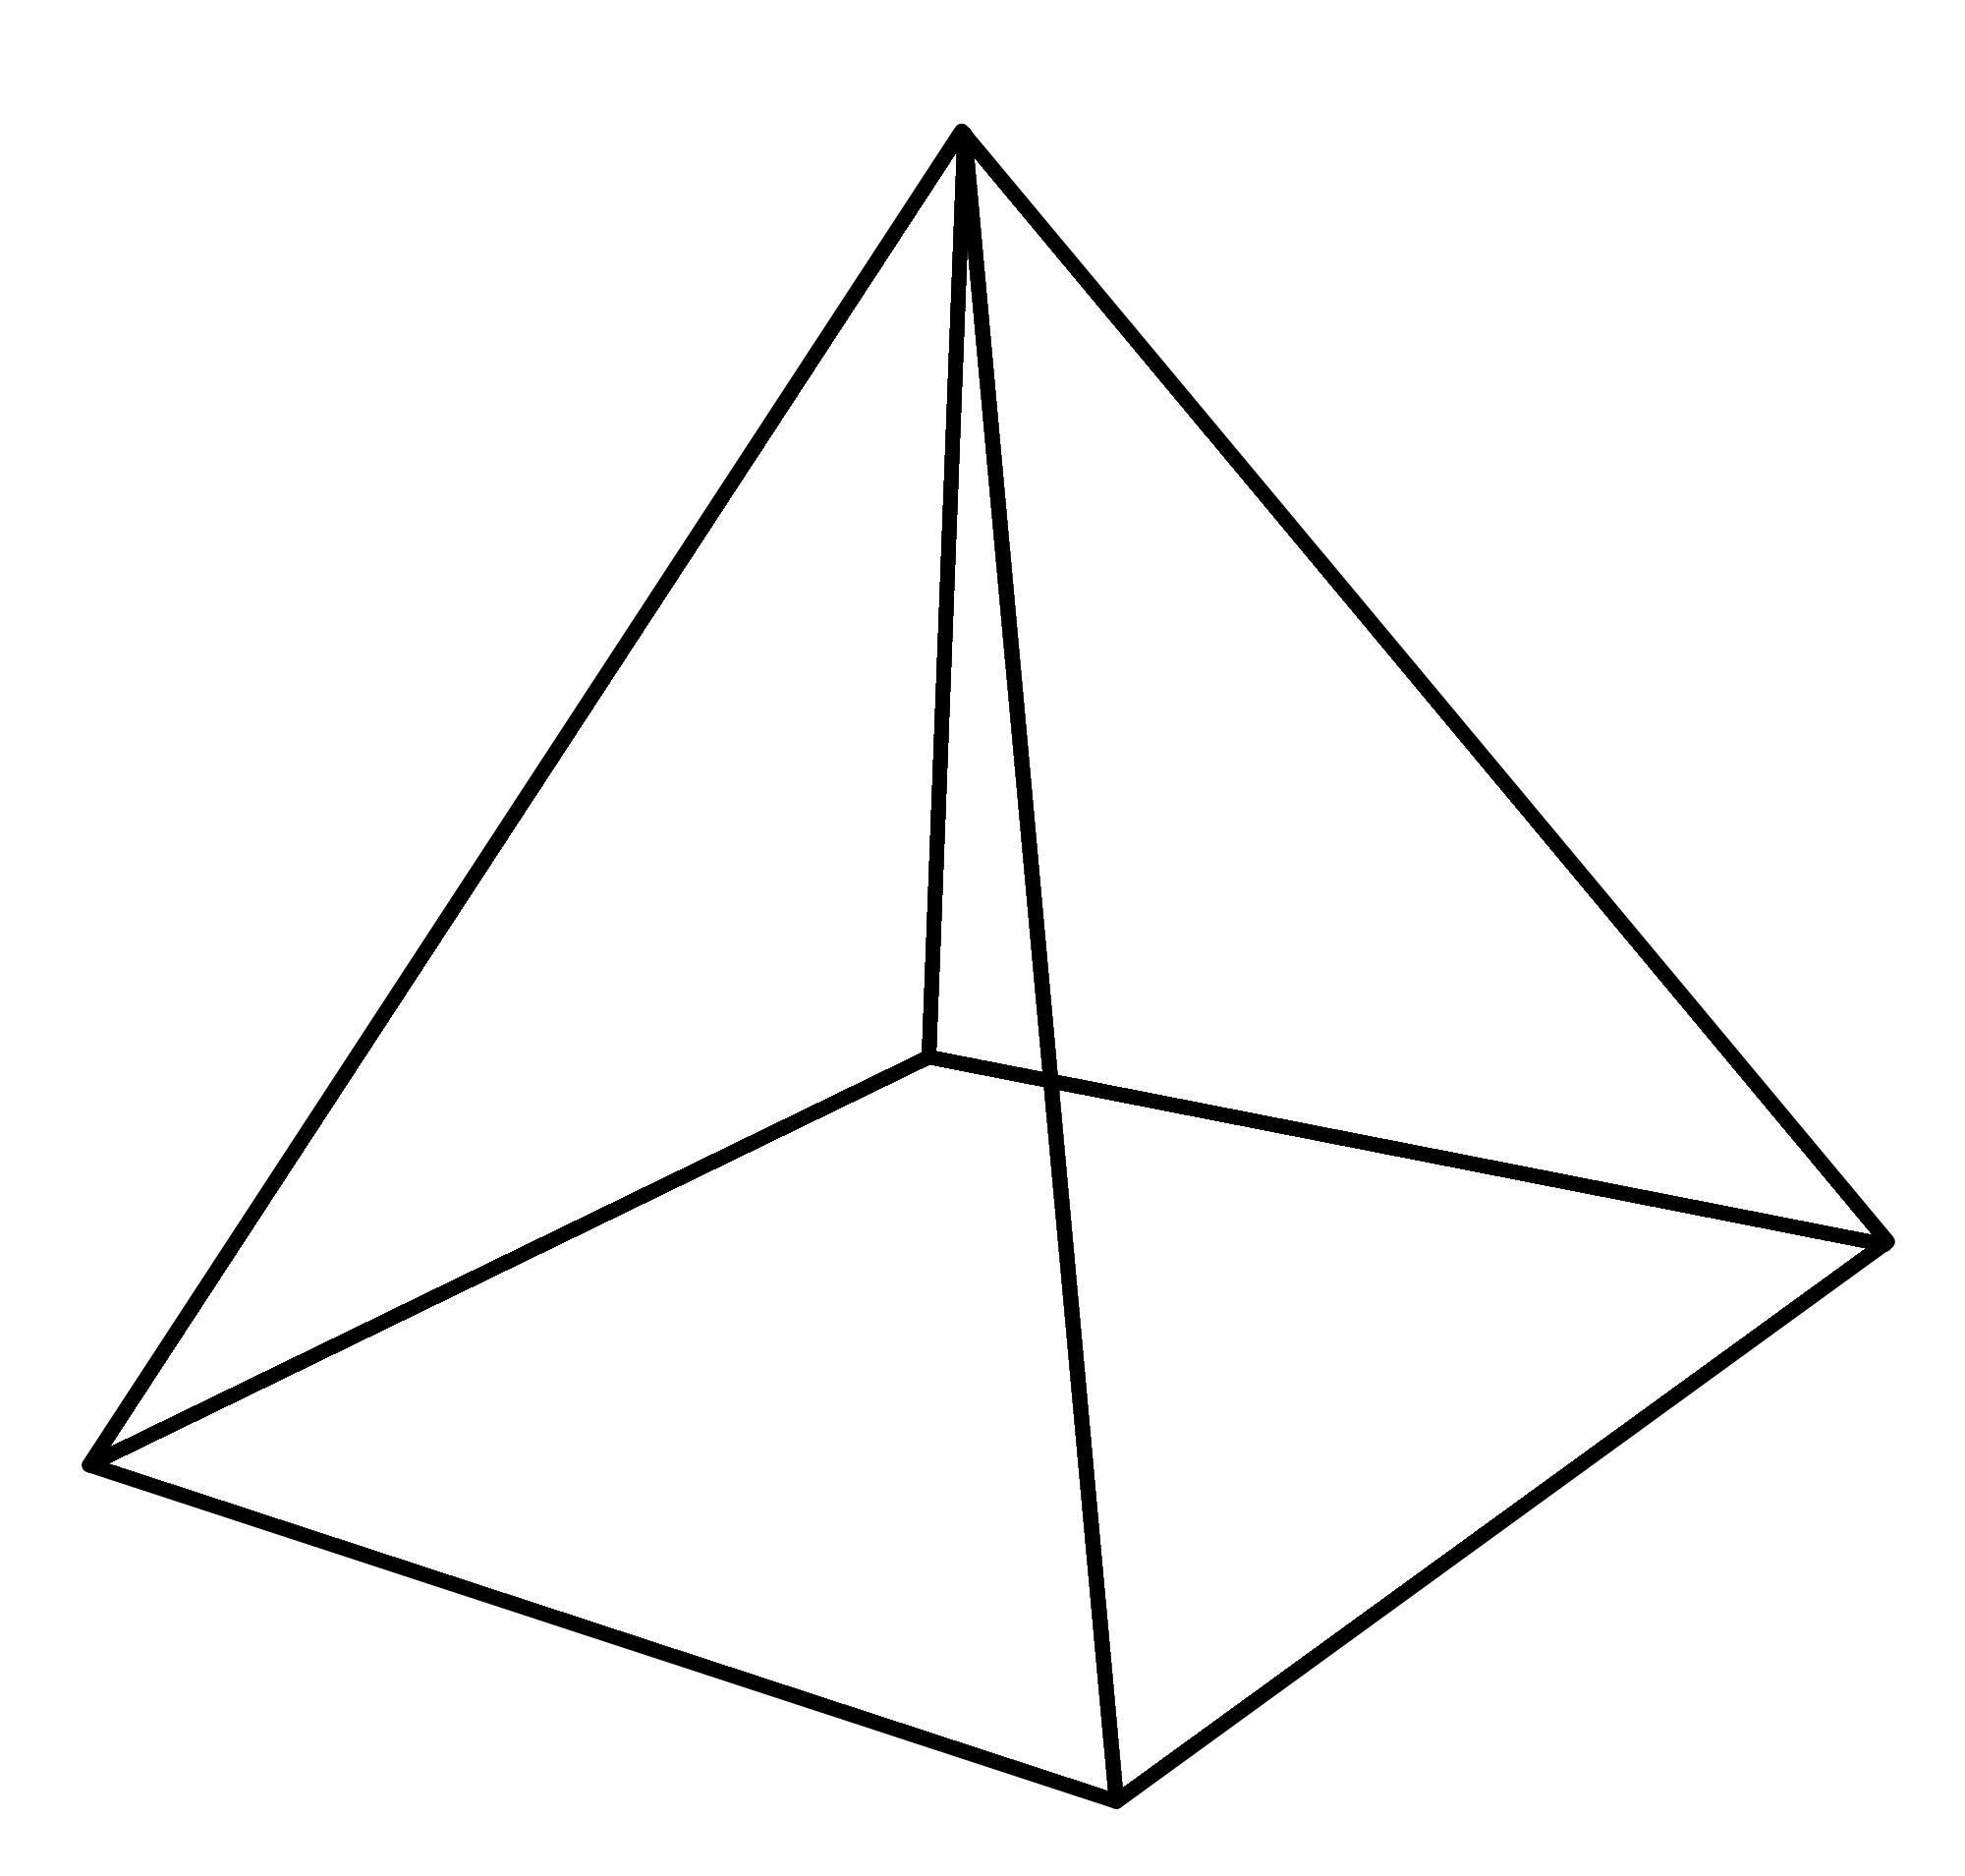 раскраски геометрические фигуры детские раскраски